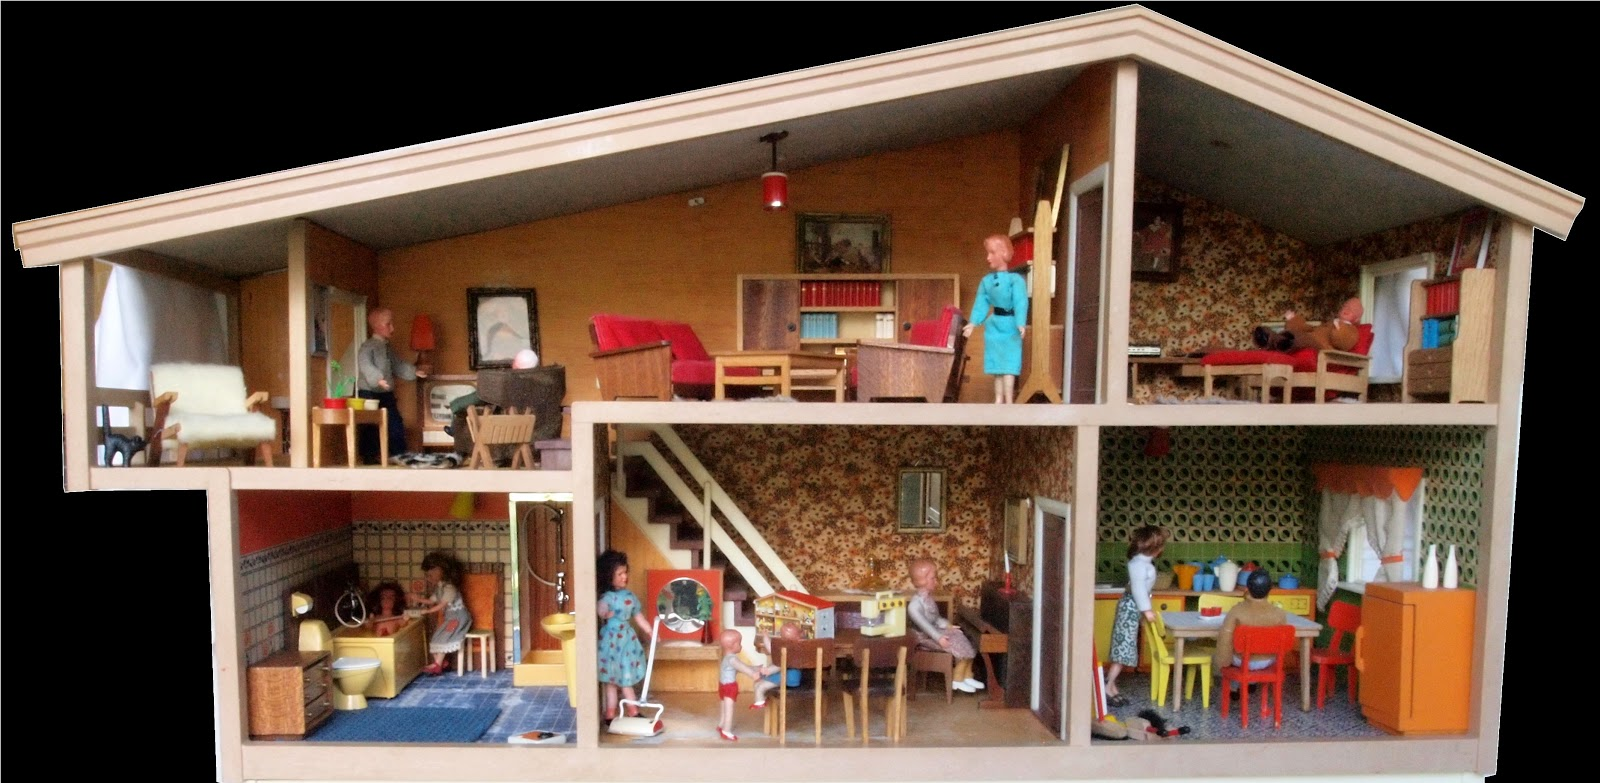 wandgestaltung wohnzimmer wohnzimmerschrank puppenhaus. Black Bedroom Furniture Sets. Home Design Ideas